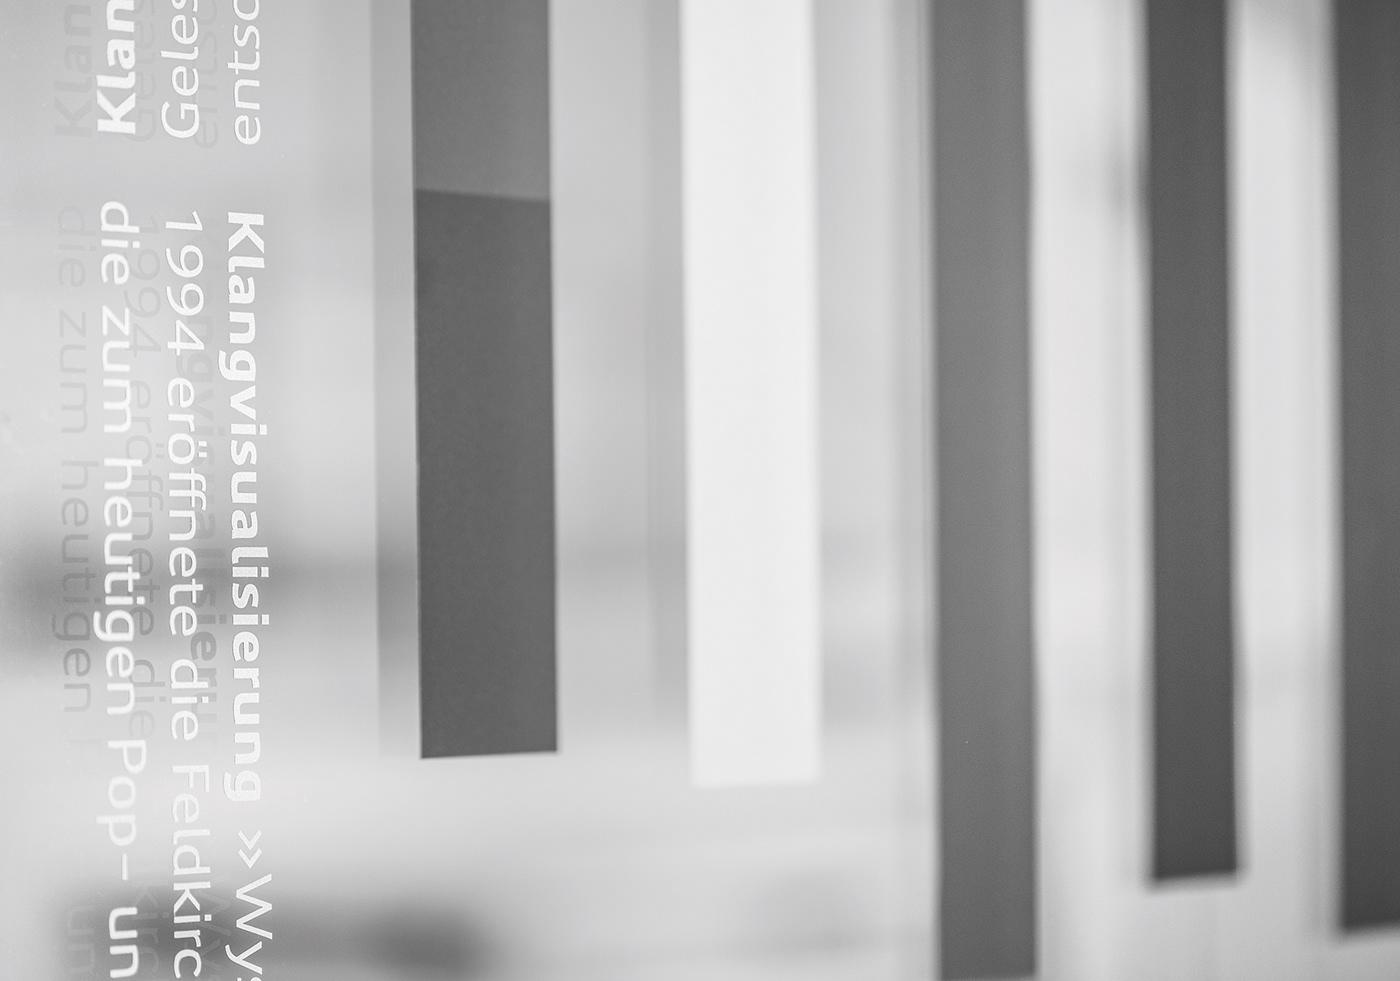 费尔德基希市文化中心导视设计©Sägenvier DesignKommunikation